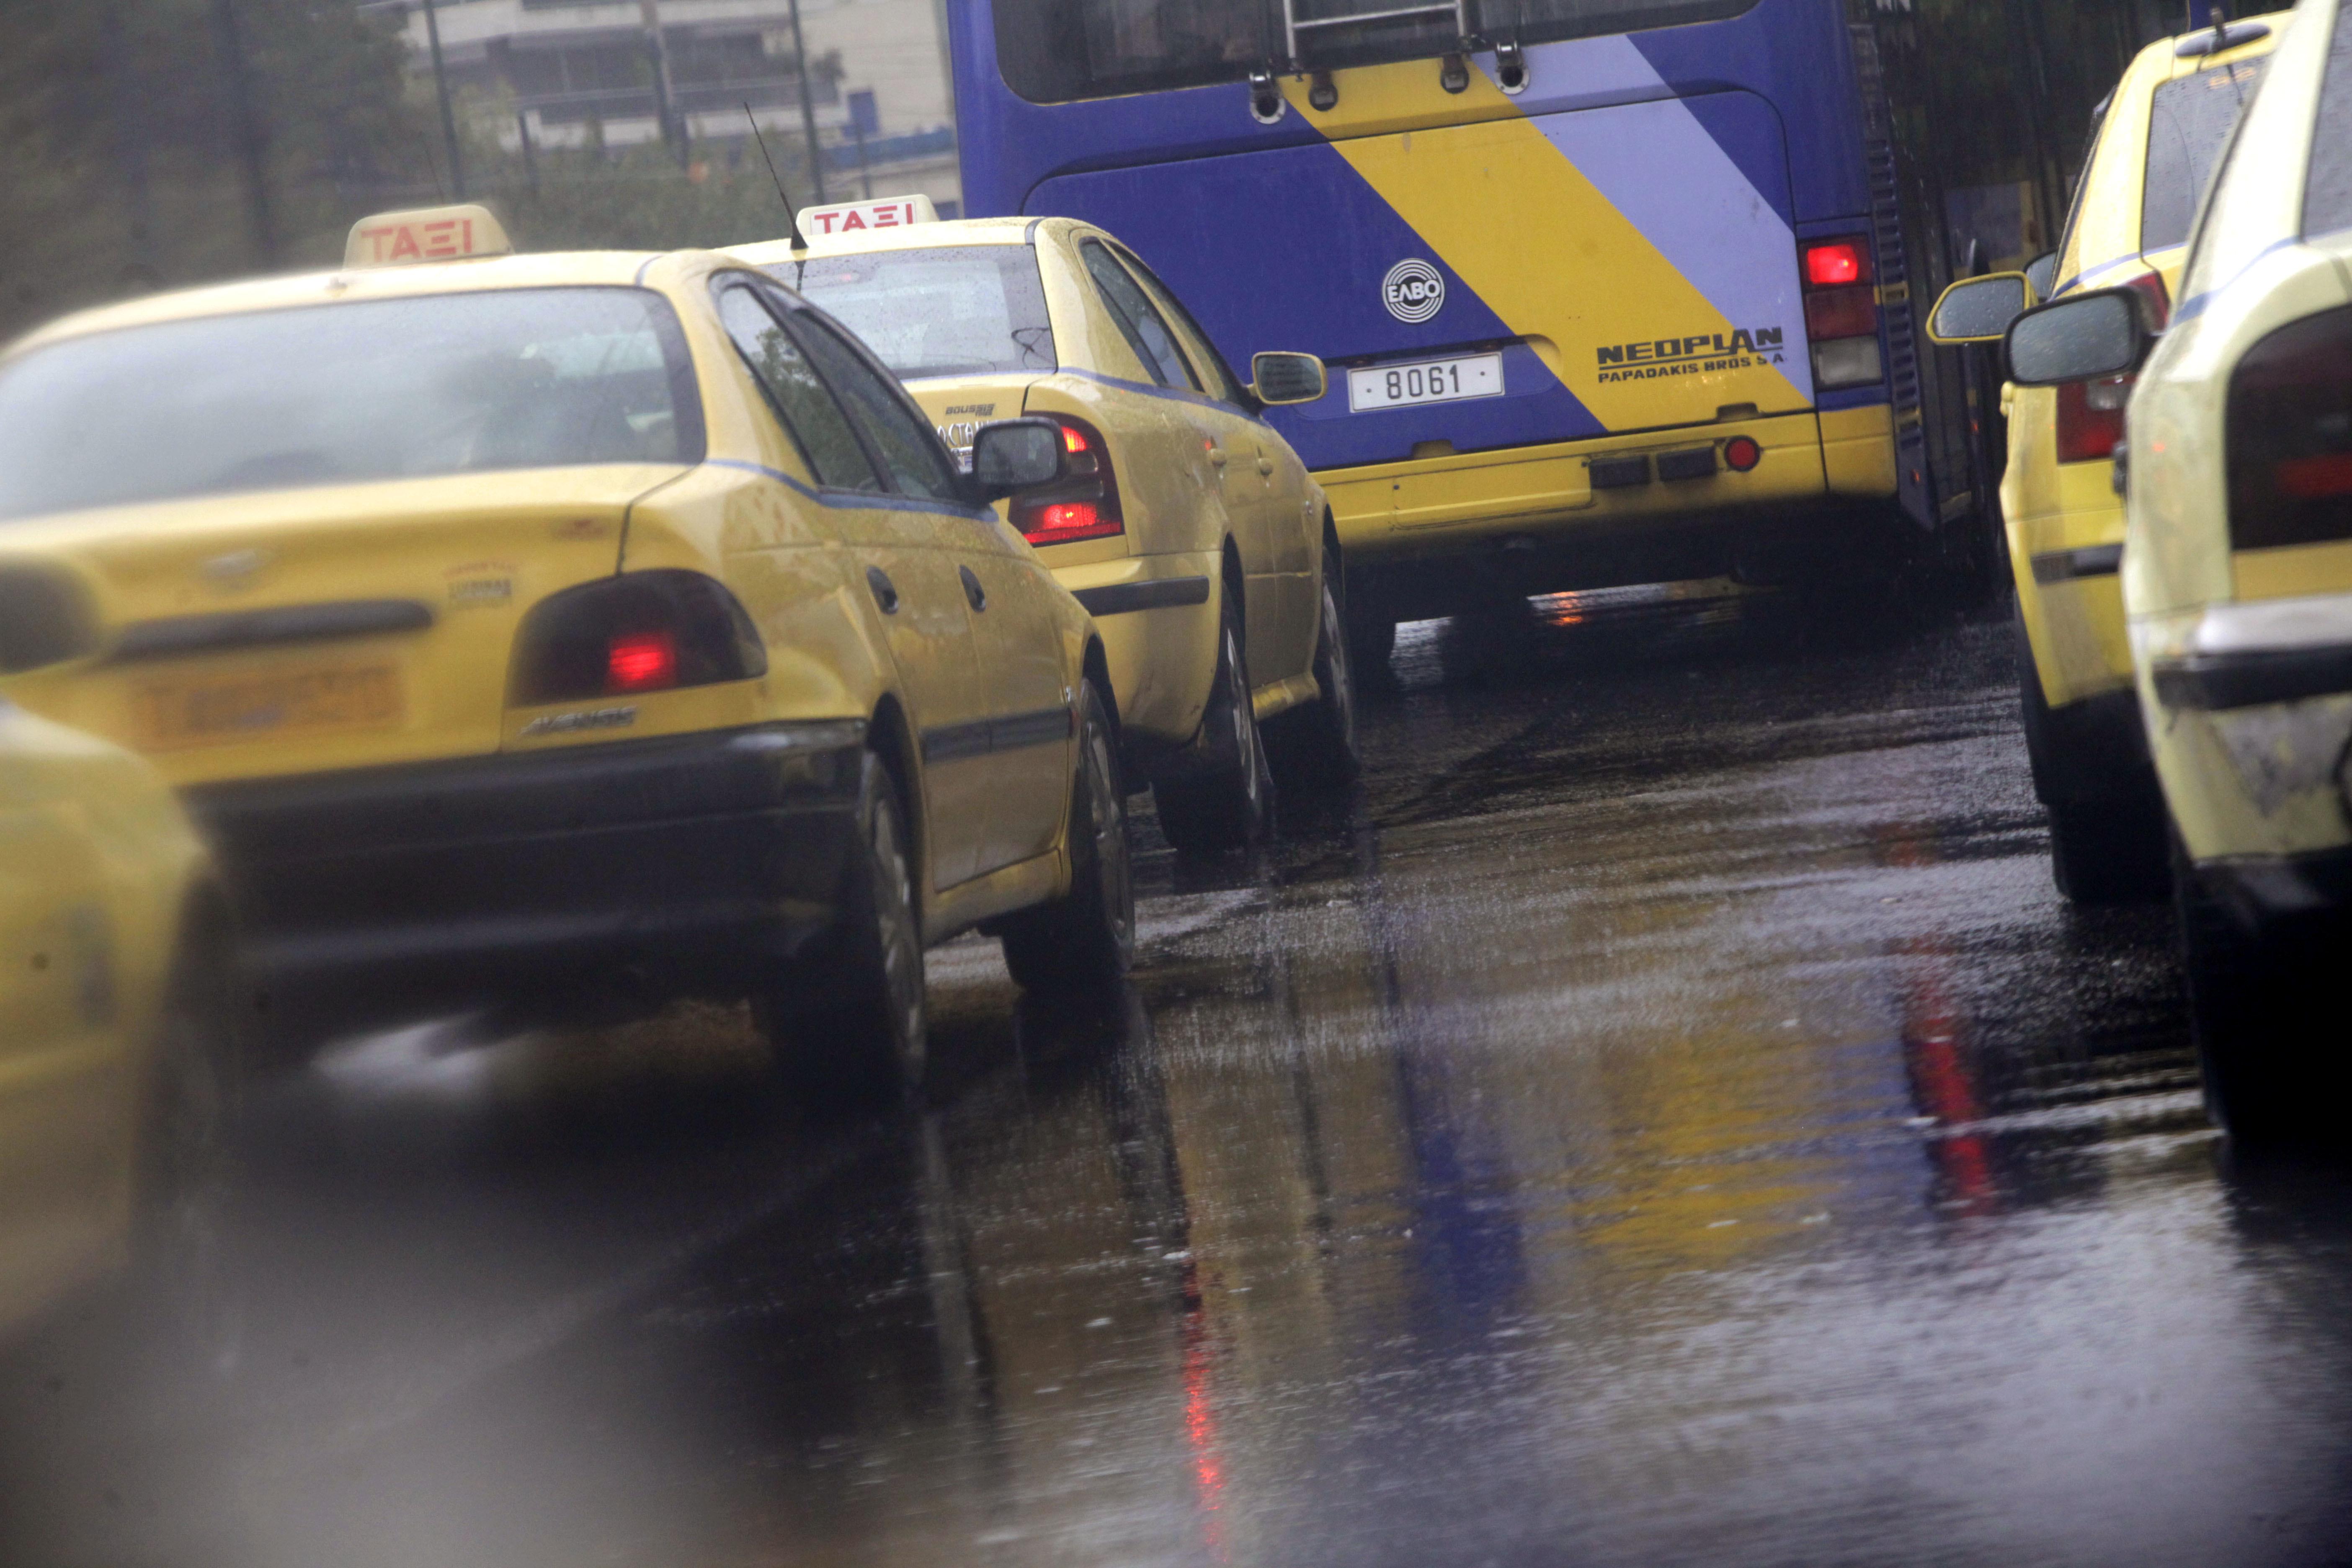 ΑΠΟΚΛΕΙΣΤΙΚΟ: Στον ΑΝΤ1 ψάχνουν… ταξιτζή!